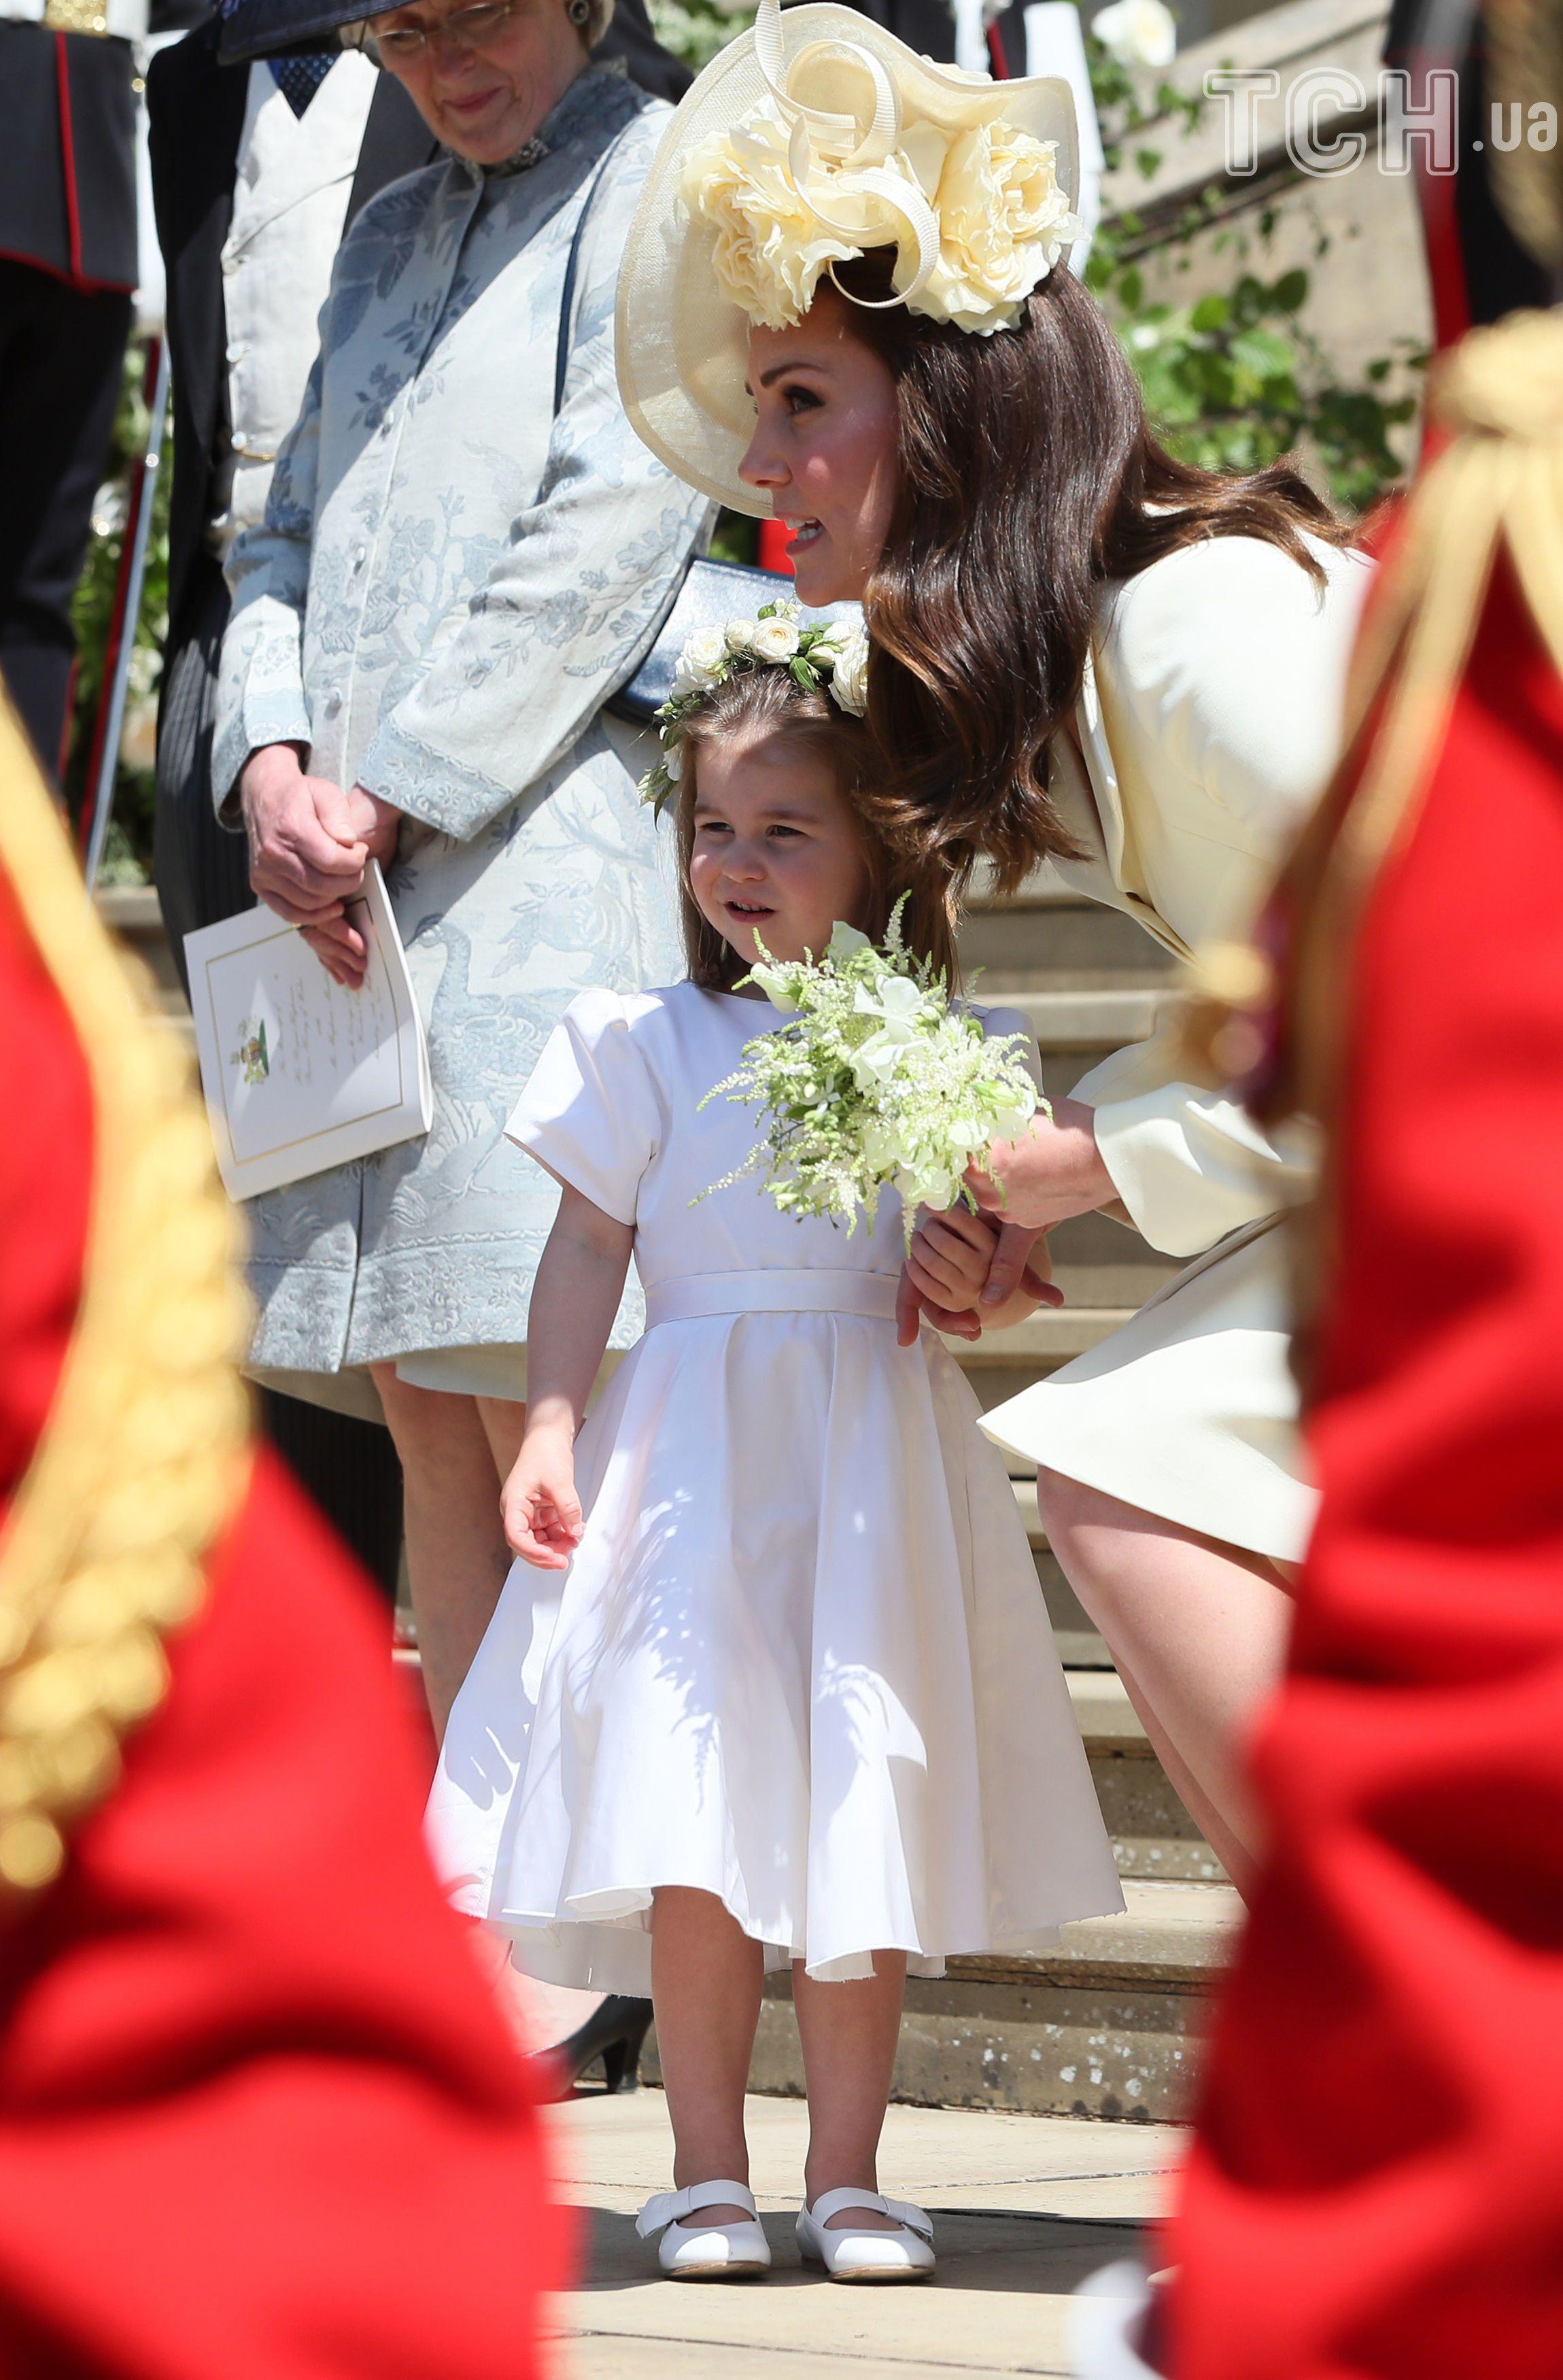 Кейт Міддлтон на весіллі принца Гаррі_1